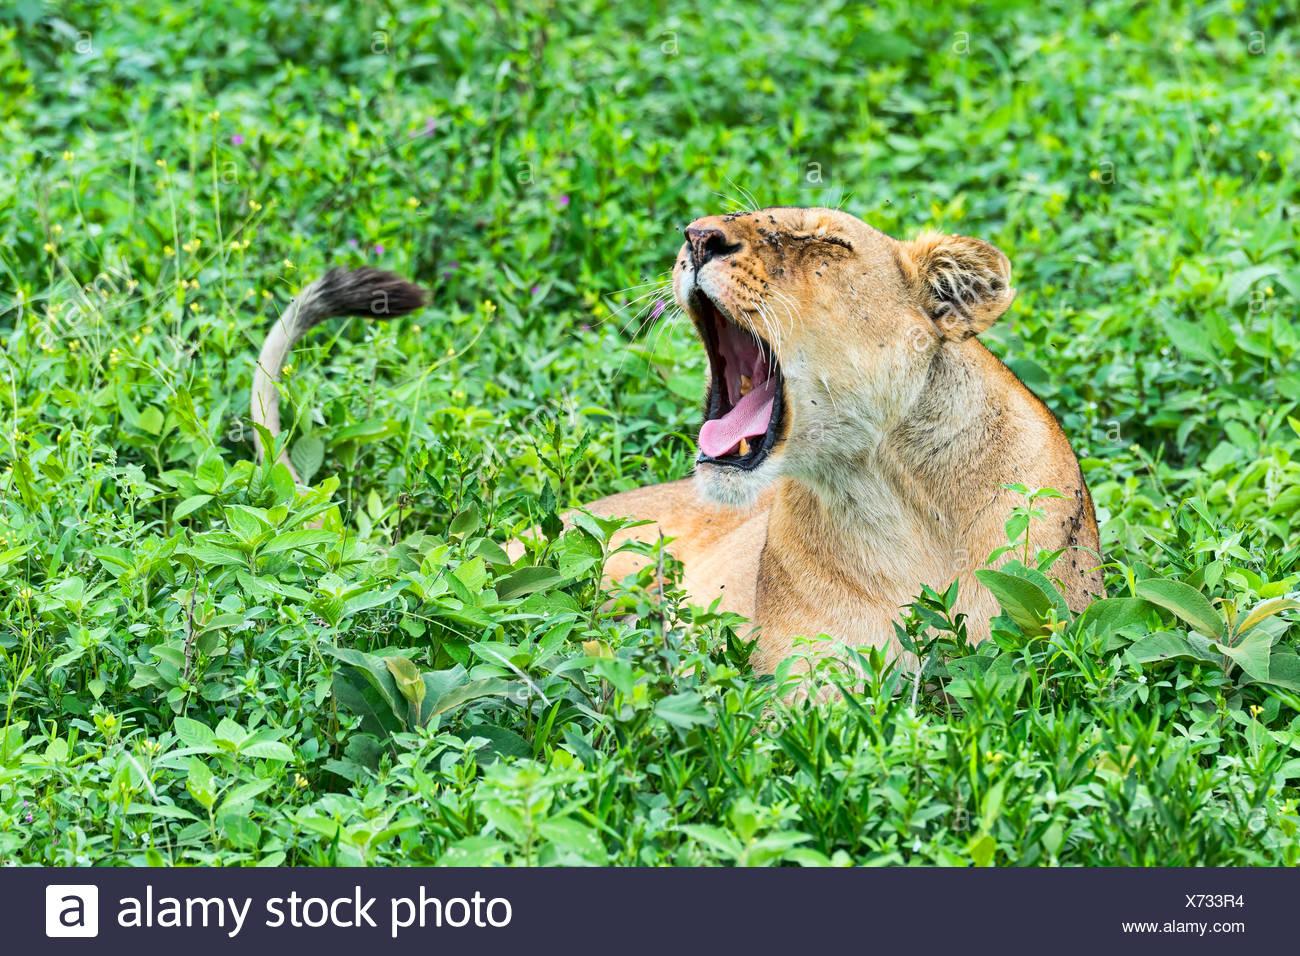 Ffly-ridden Lioness (Panthera leo), Ndutu, Tanzania - Stock Image